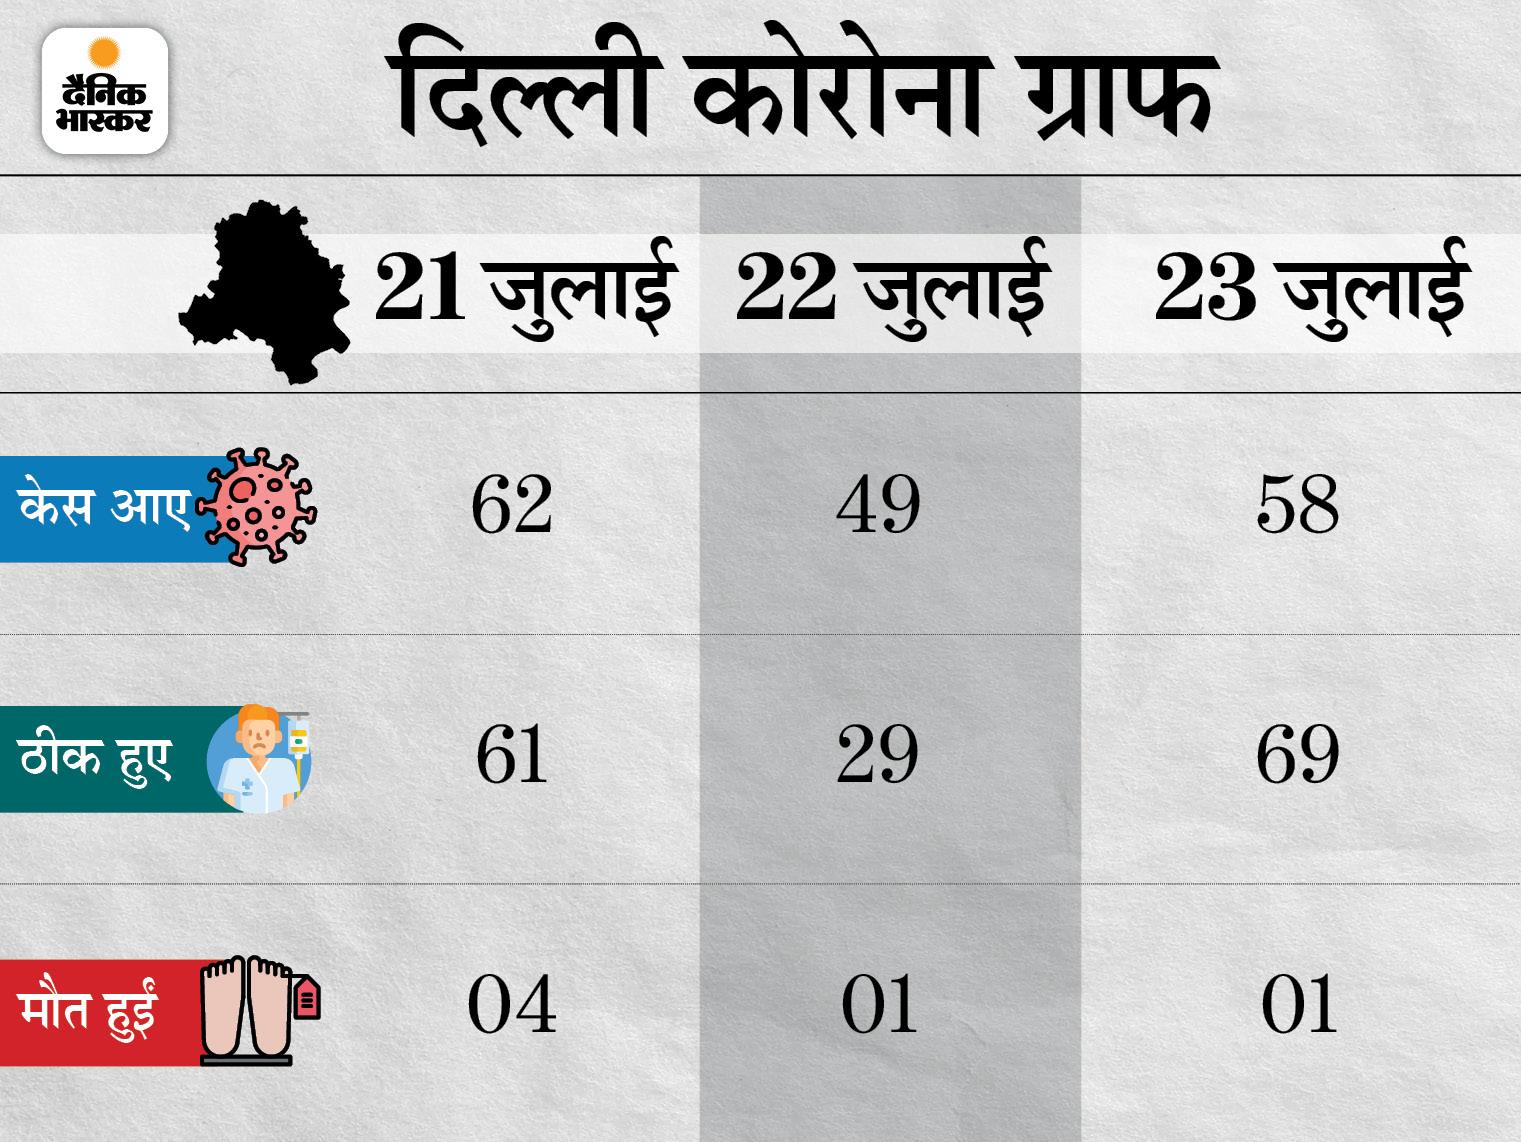 Lockdown: Coronavirus Outbreak India Cases, Vaccination LIVE Update | Maharashtra Pune Madhya Pradesh Bhopal Indore Rajasthan Uttar Pradesh Haryana Punjab Bihar Novel Corona (COVID 19) Death Toll India Today, Mumbai Delhi Coronavirus News | बीते दिन 39496 केस आए, 35124 ठीक हुए और 541 मौतें; पिछले 23 दिनों में इलाज करा रहे मरीजों के आंकड़े में 1.14 लाख की कमी - WPage - क्यूंकि हिंदी हमारी पहचान हैं